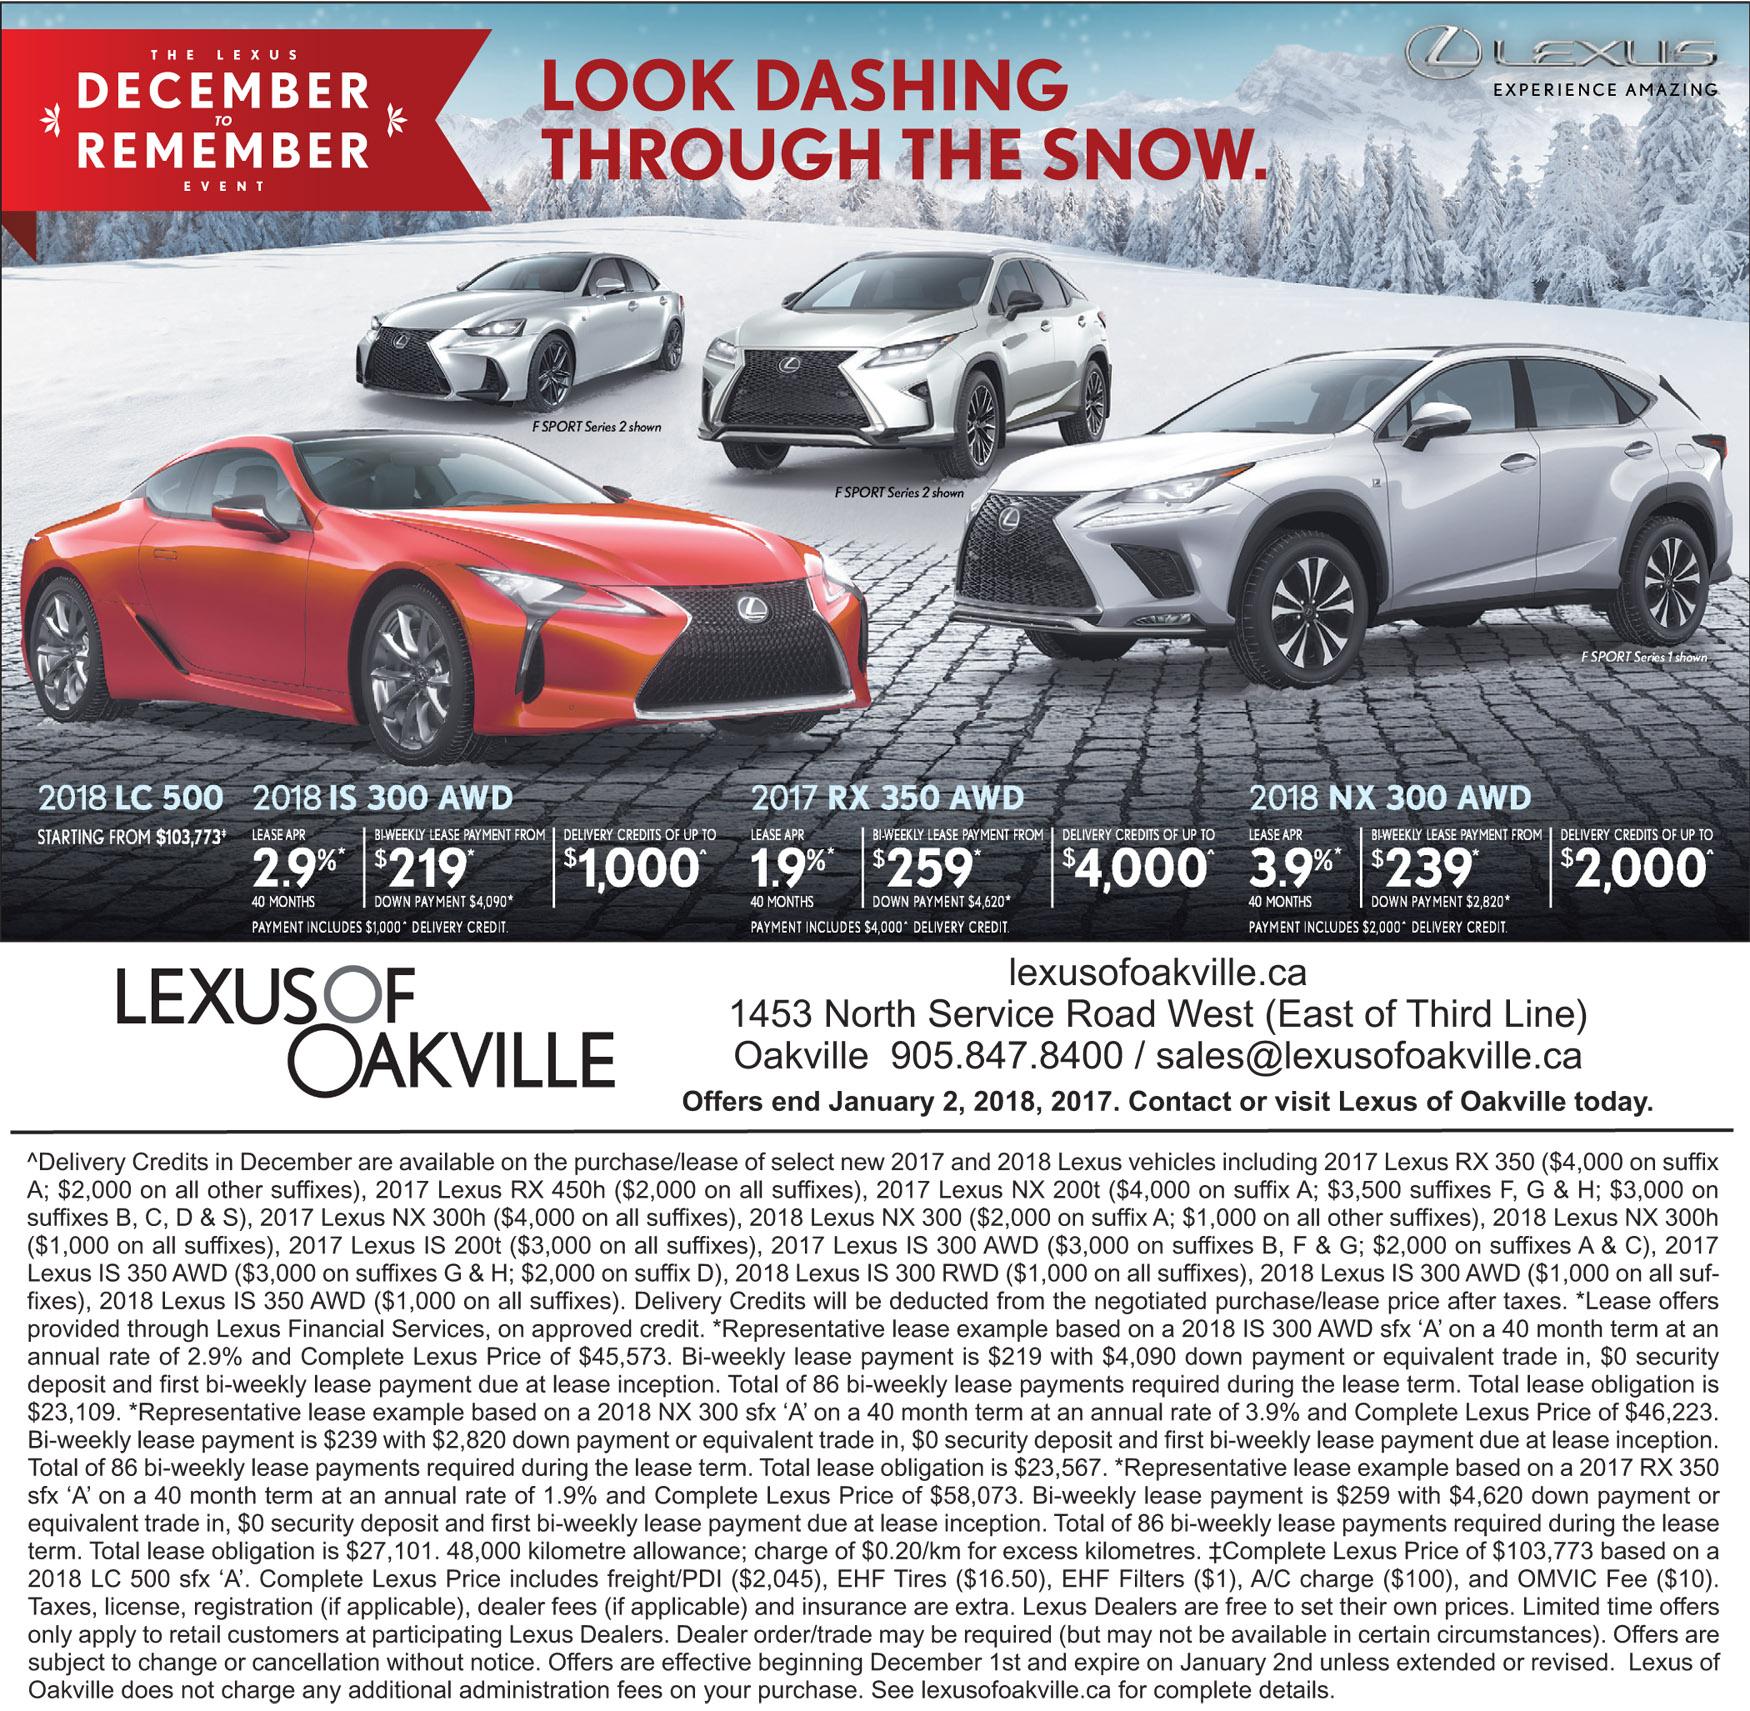 Oakville Lexus incentives